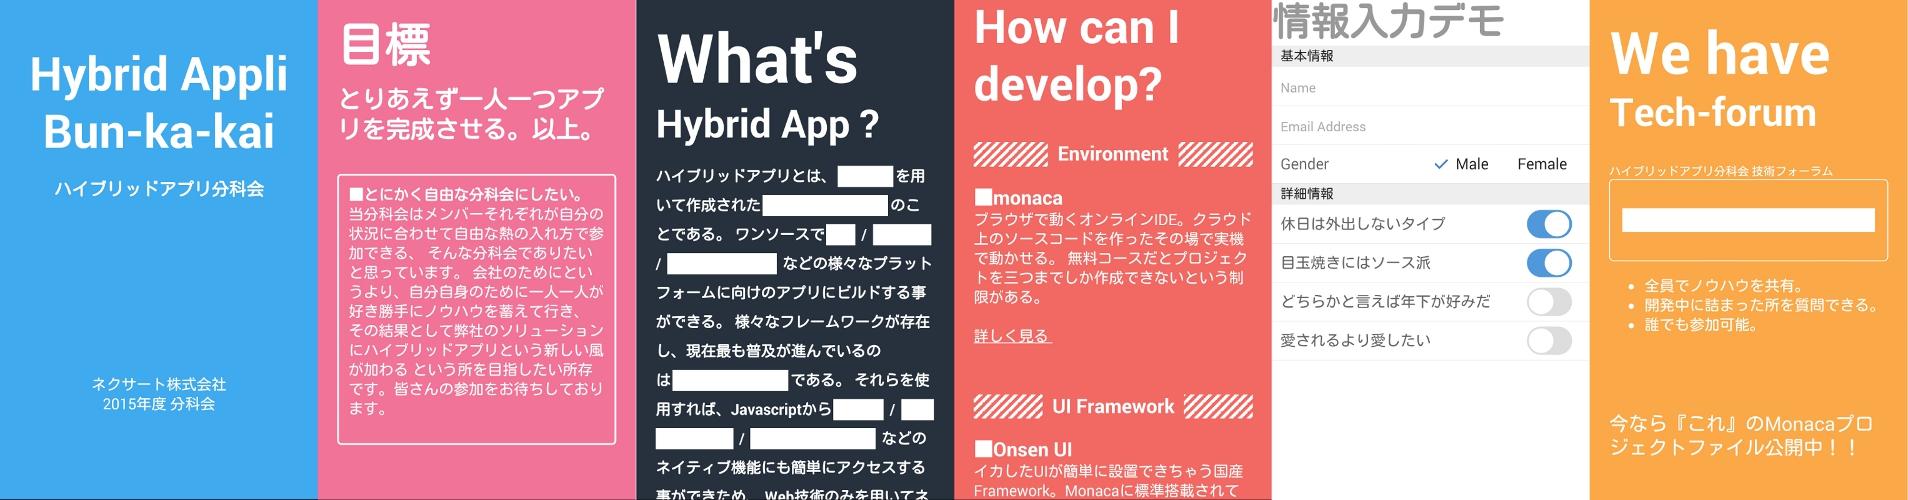 ハイブリッドアプリ分科会活動紹介